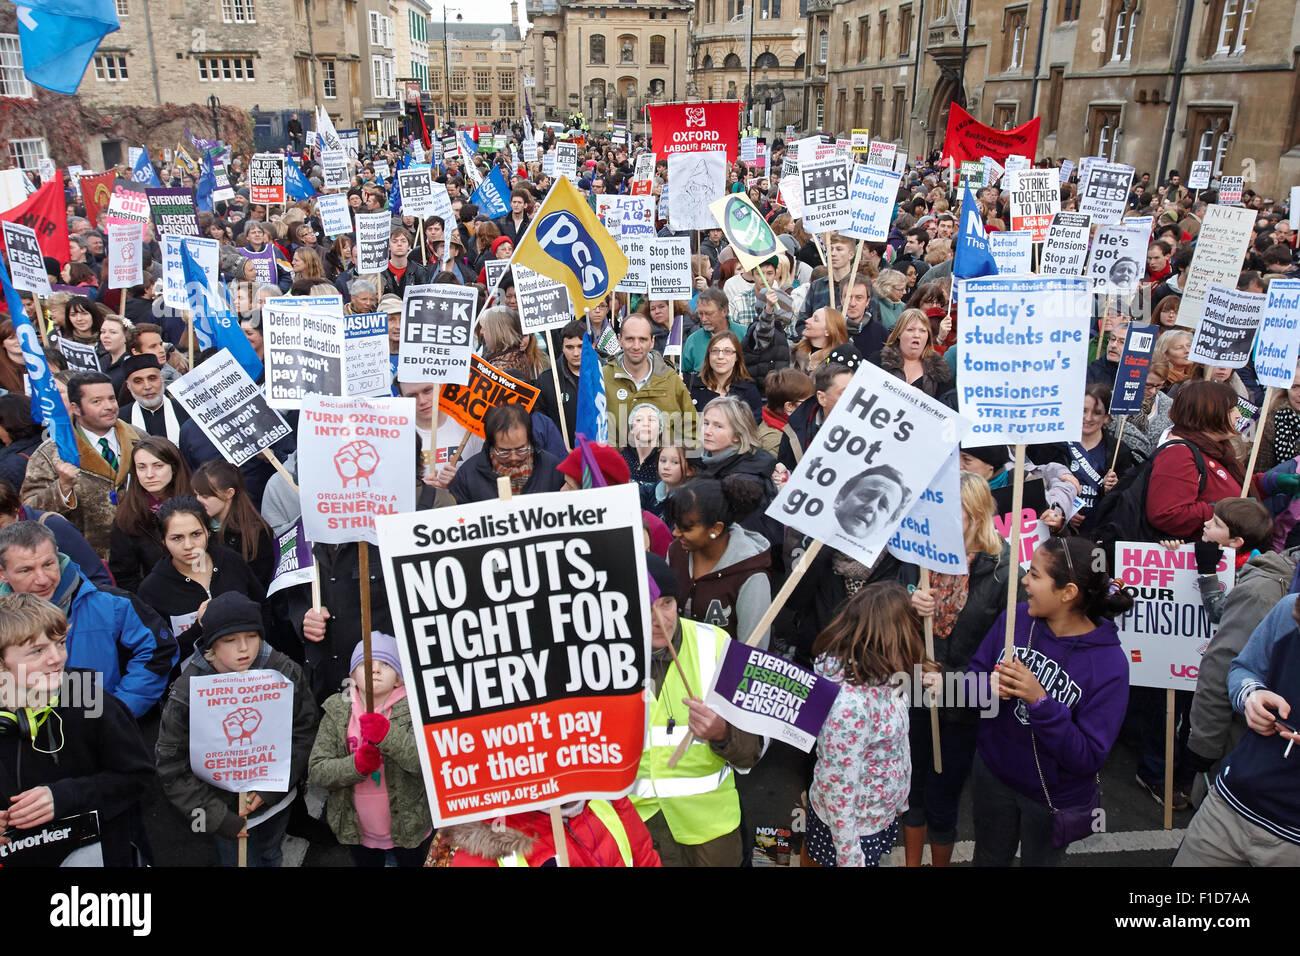 La gente marcha por el centro de Oxford, en apoyo de la generalización de la n30 huelga del sindicato del sector público sobre los derechos de pensión Foto de stock